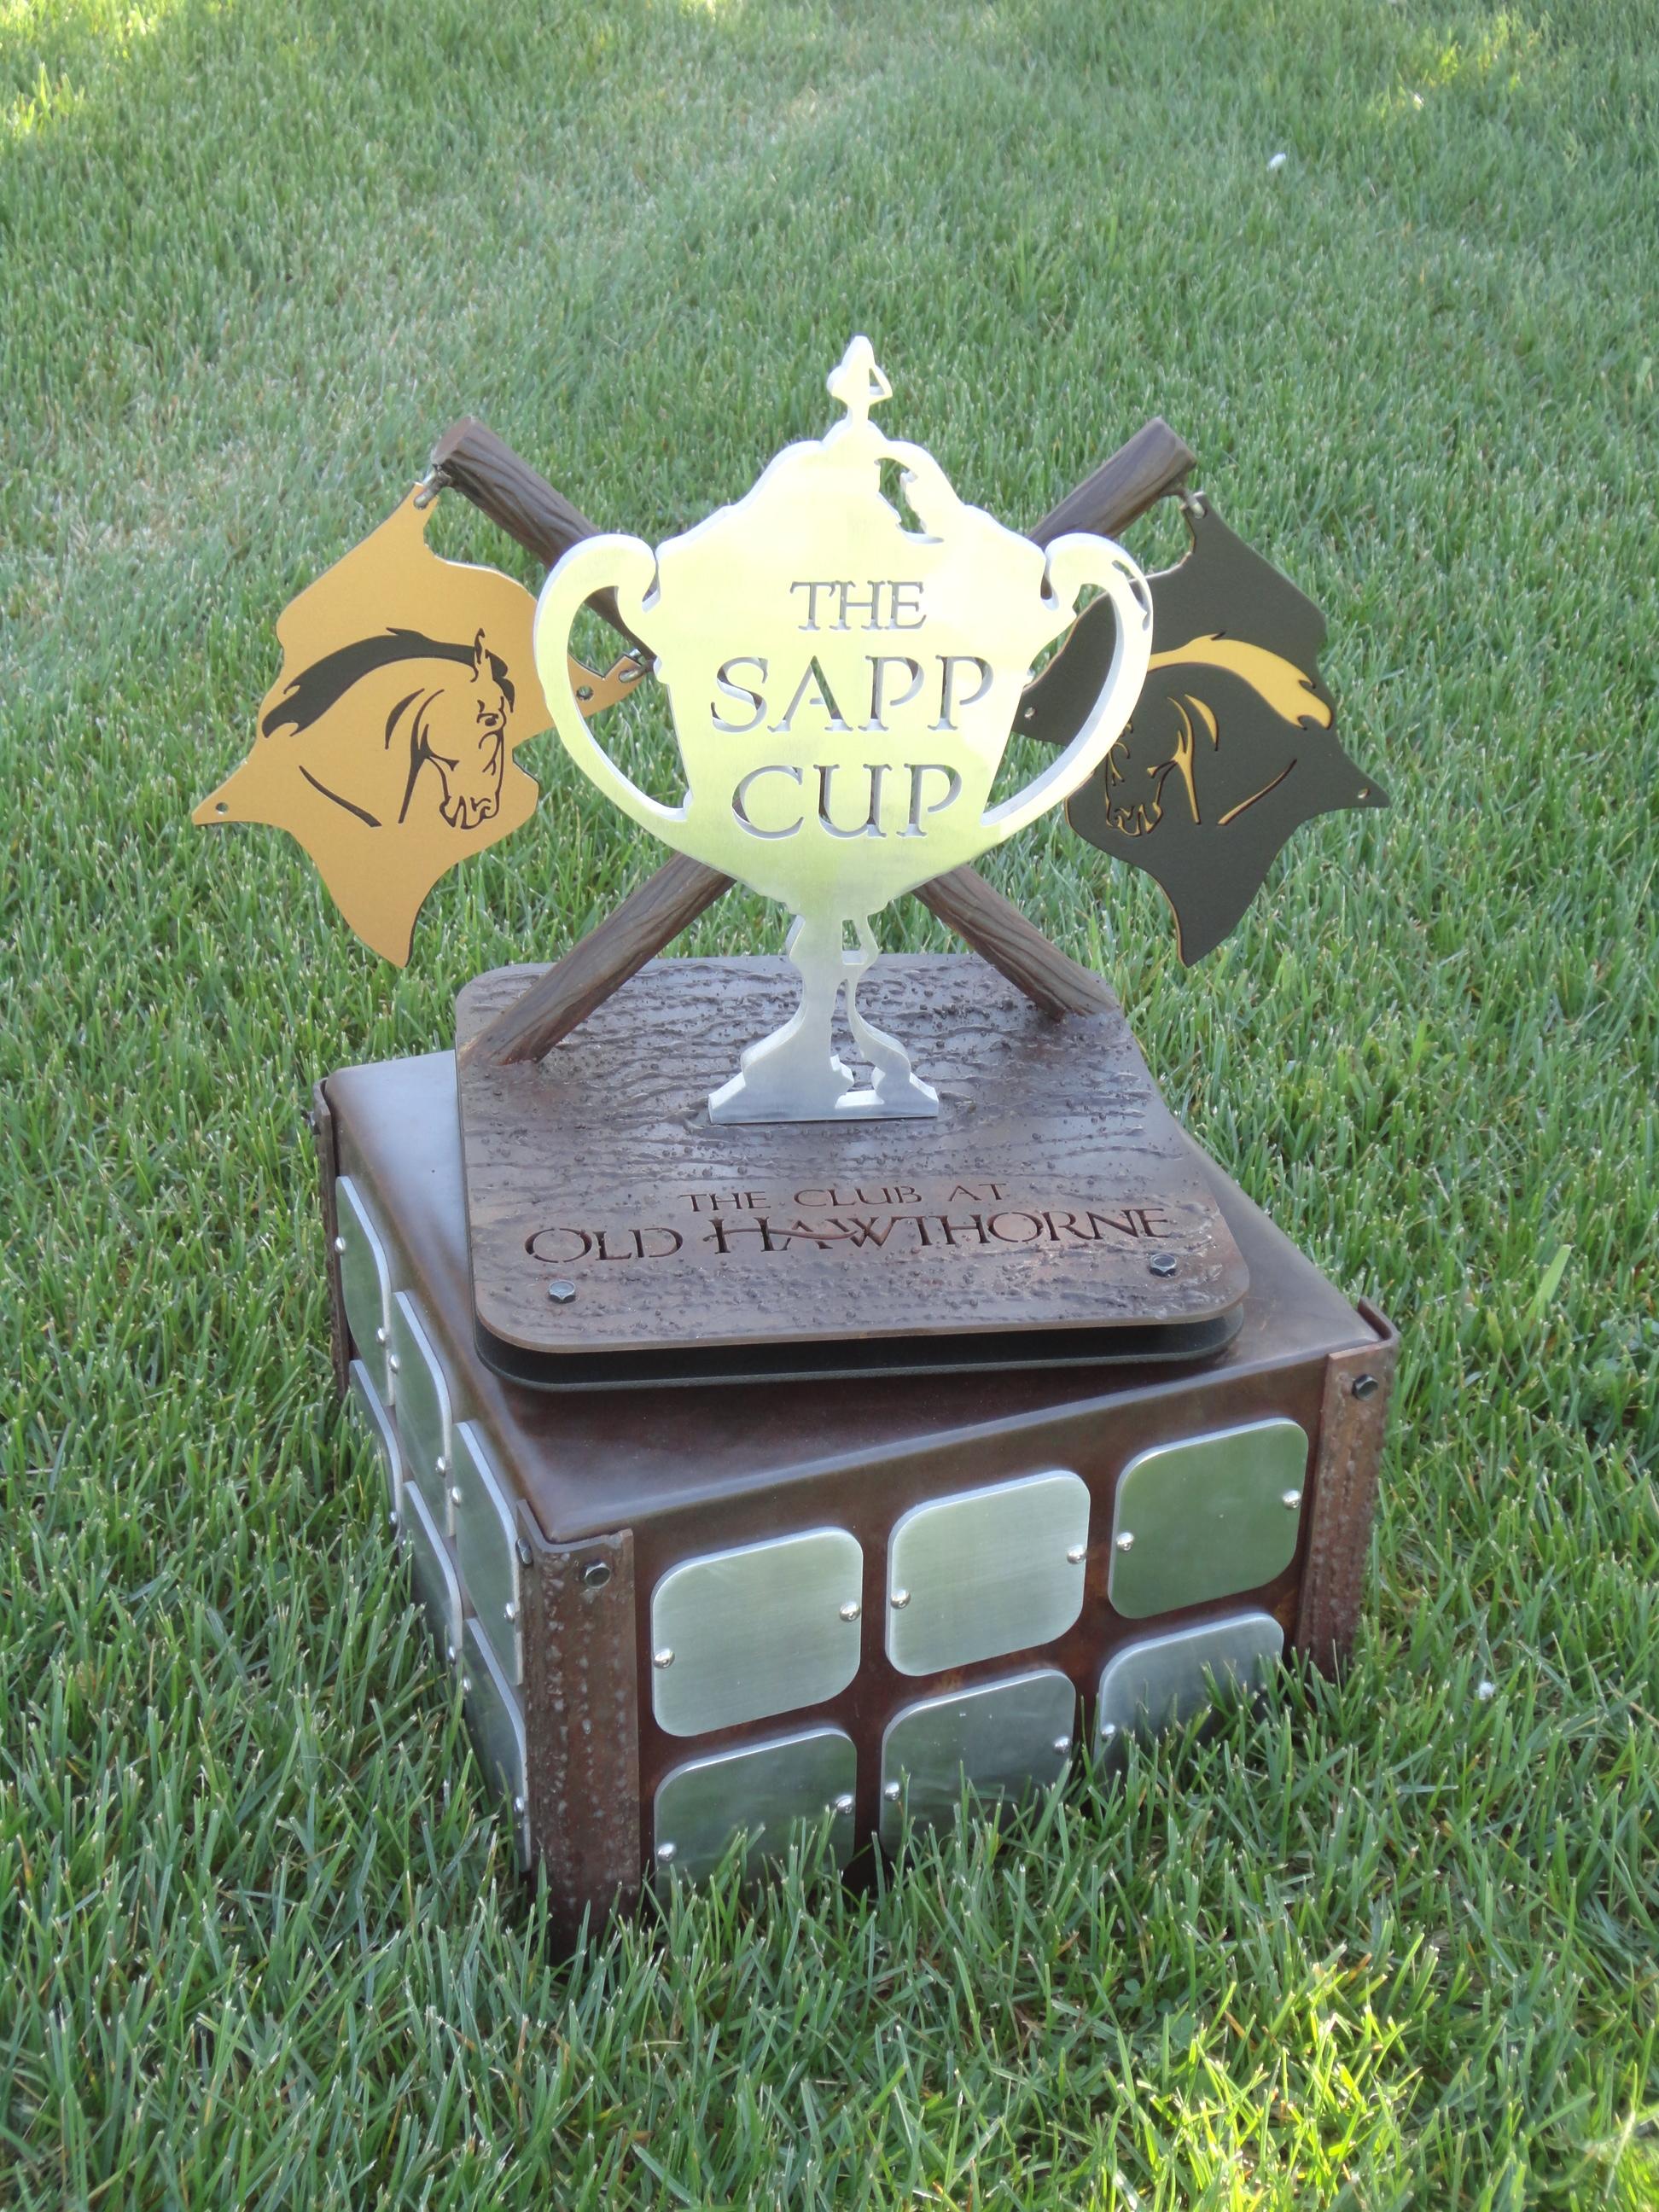 SAAP CUP -Perpetual Golf Trophy